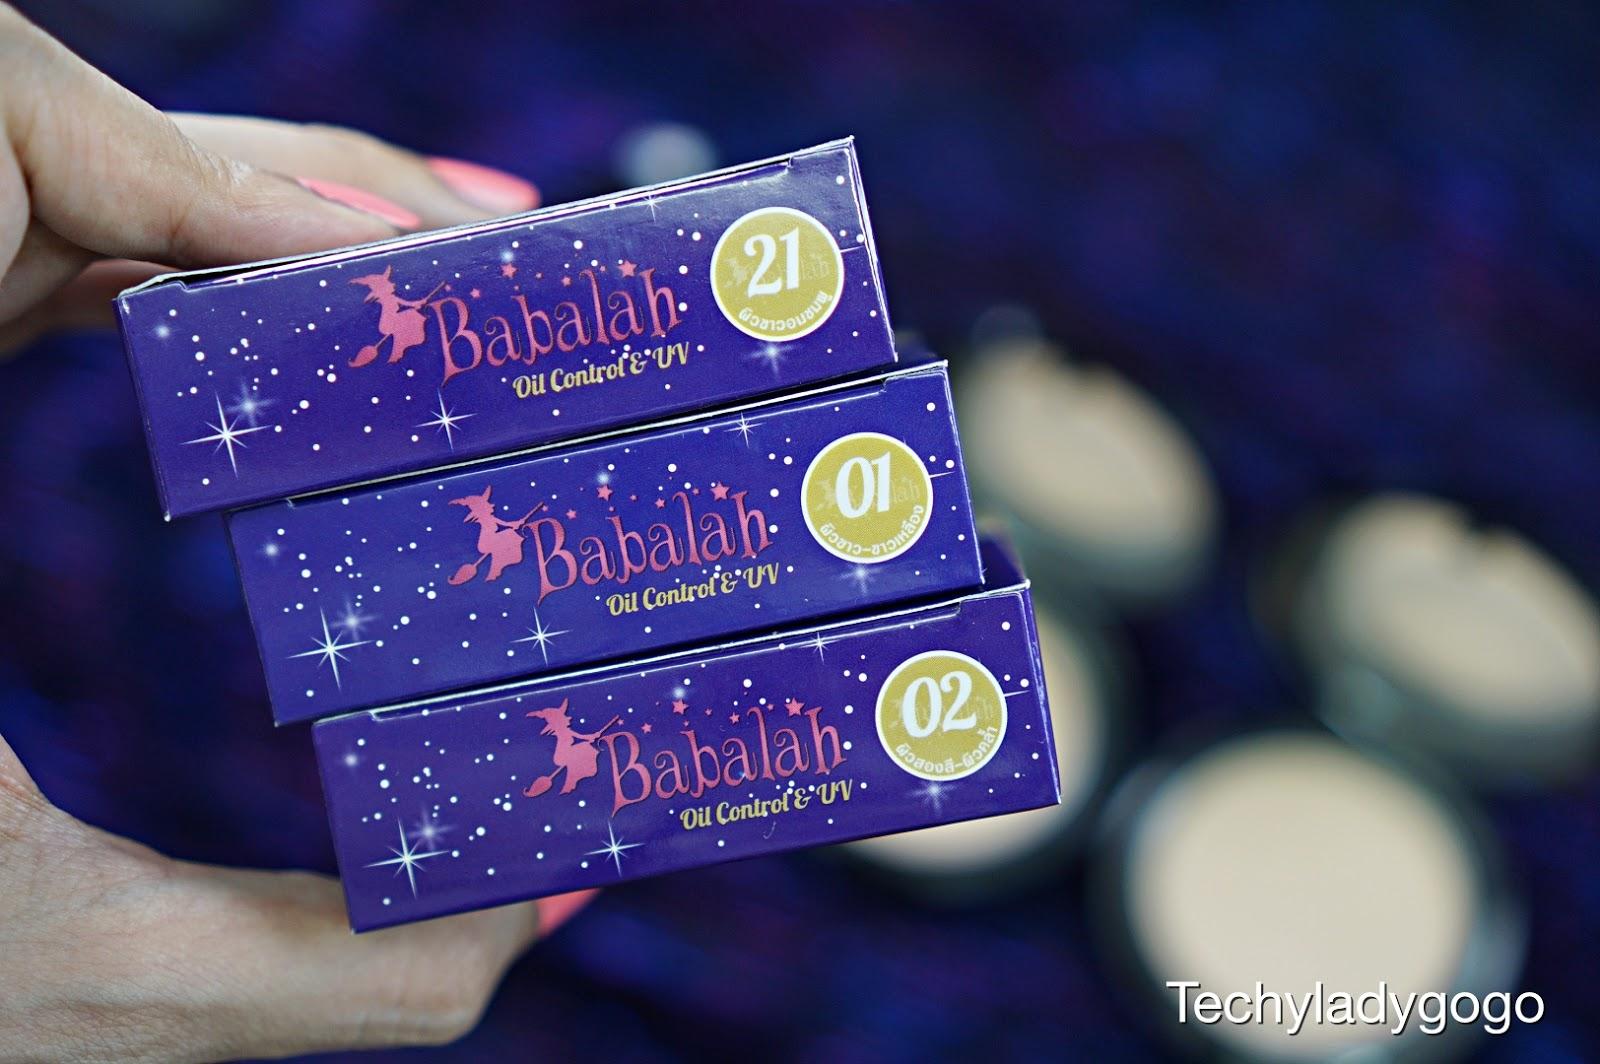 รีวิวแป้งบาบาร่า Babalah Oil Control UV 2 Way Cake Magic Powder SPF20 รีวิว แป้งแม่มดรุ่นใหม่ ล่าสุด